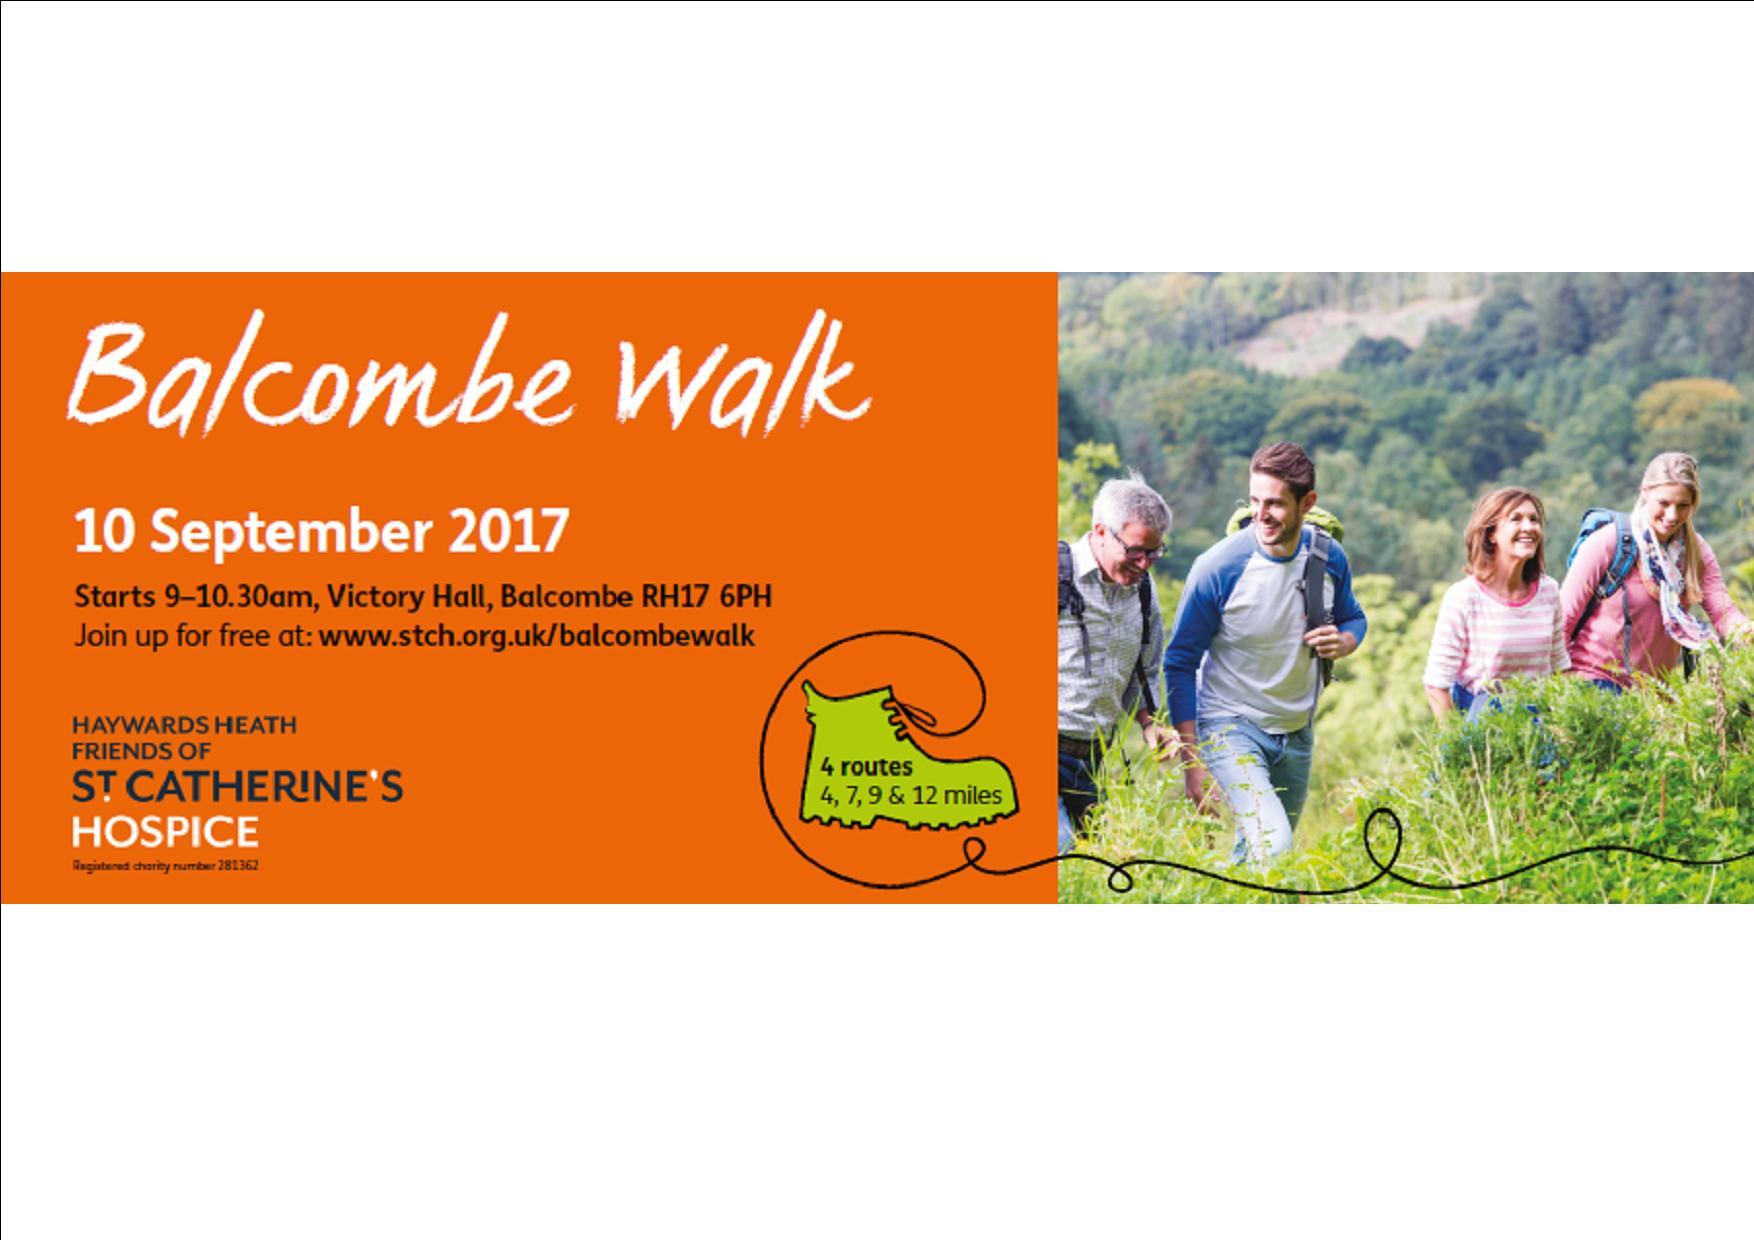 Balcombe Walk